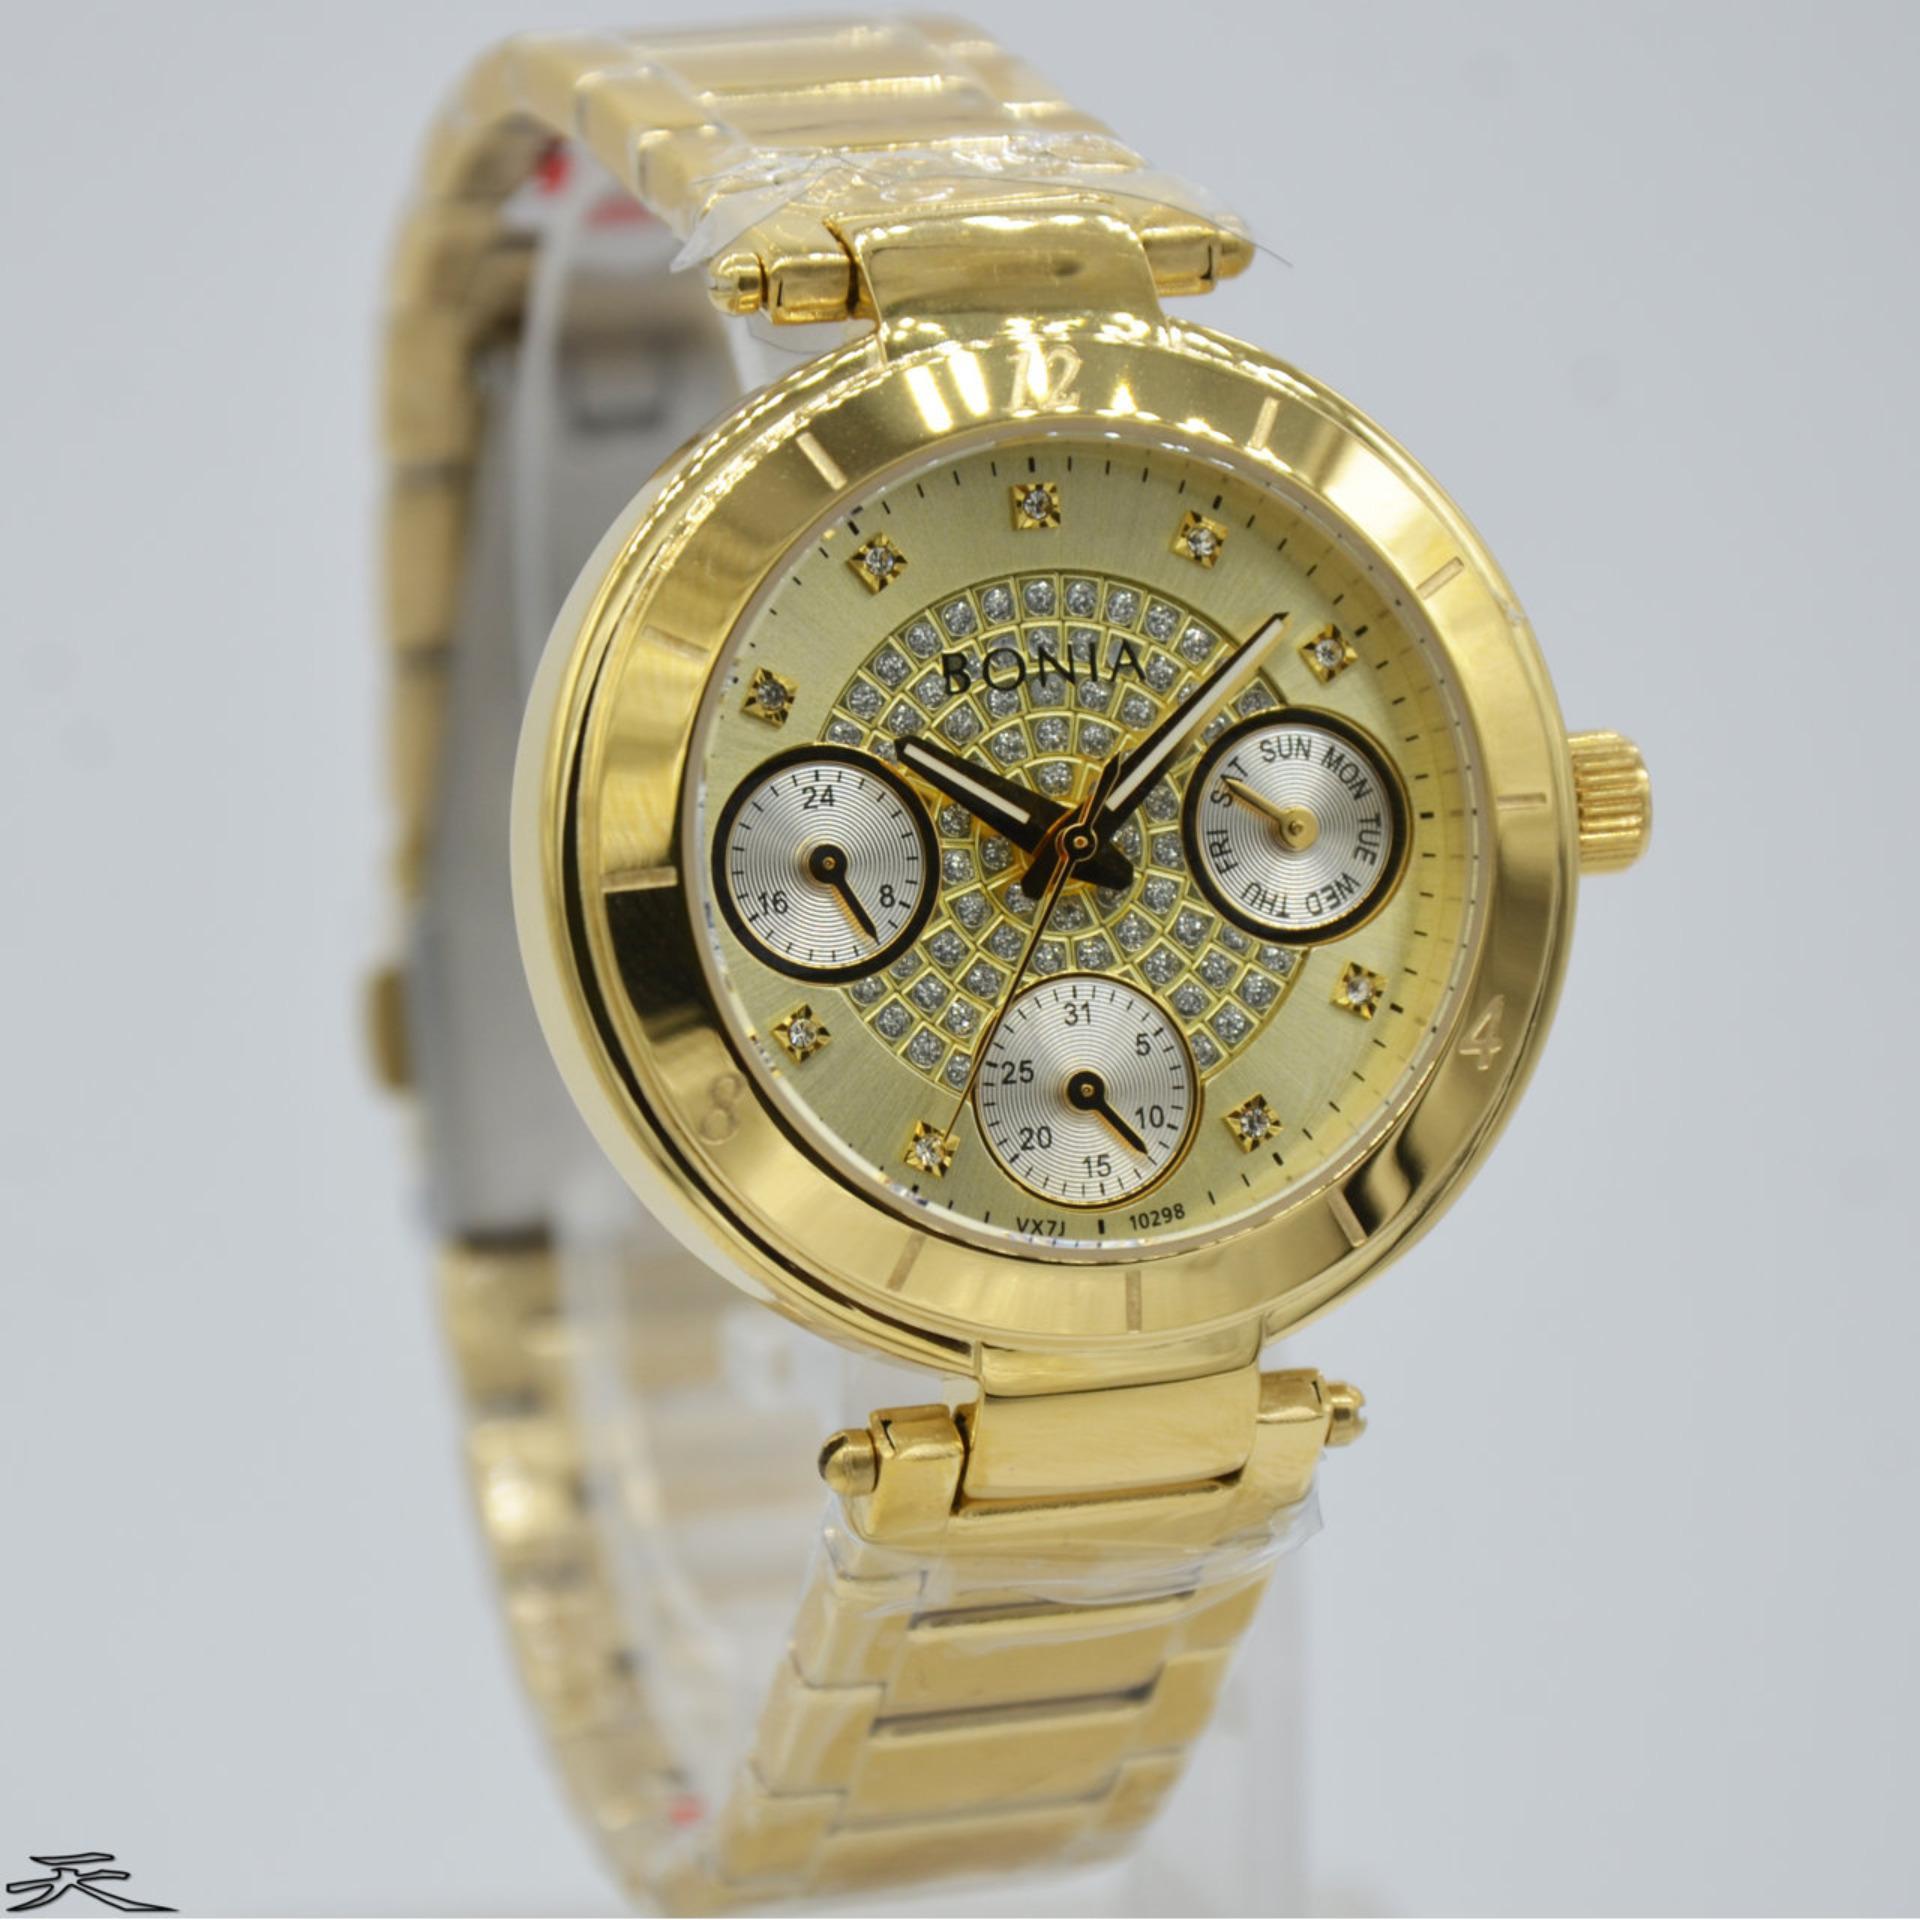 Belanja Terbaik Bonia Rosso Bnb10298 2227 Jam Tangan Wanita Gold Bn10298 2317